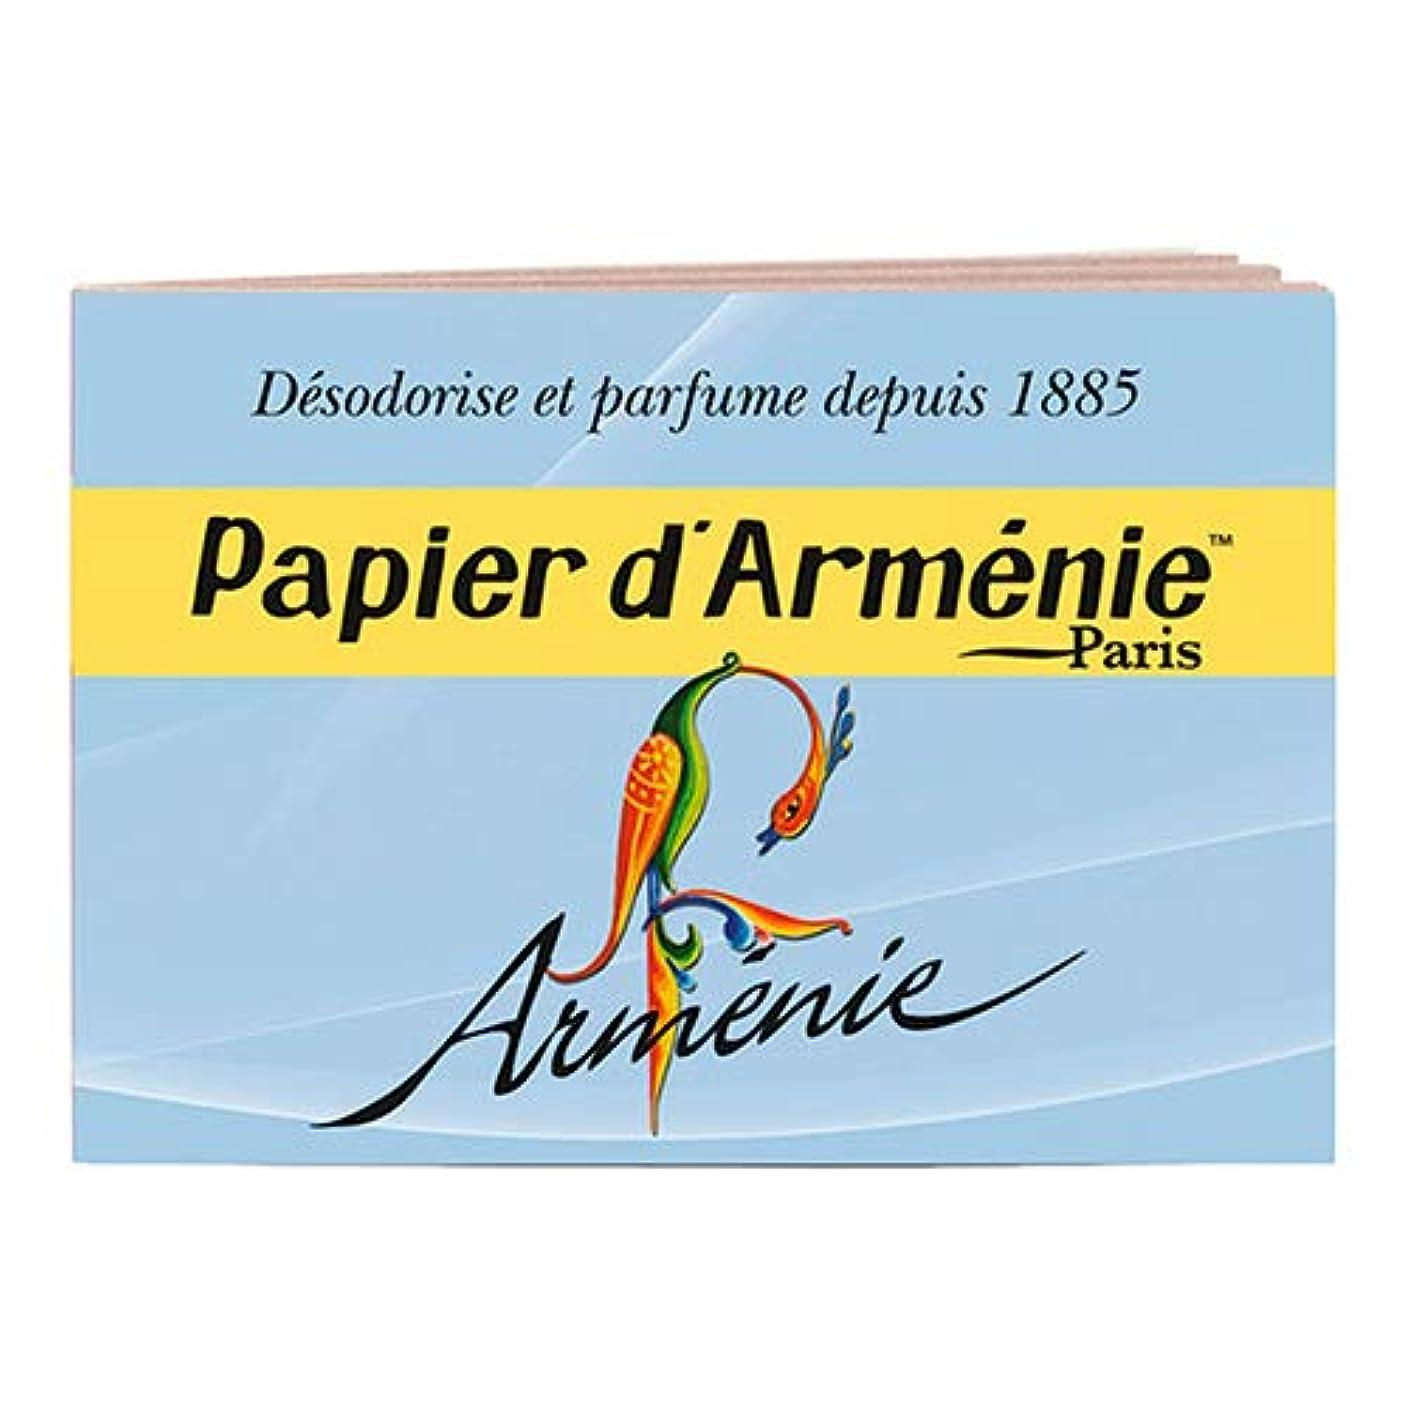 ささやき支配する丘【パピエダルメニイ】トリプル 3×12枚(36回分) アルメニイ 紙のお香 インセンス アロマペーパー PAPIER D'ARMENIE [並行輸入品]